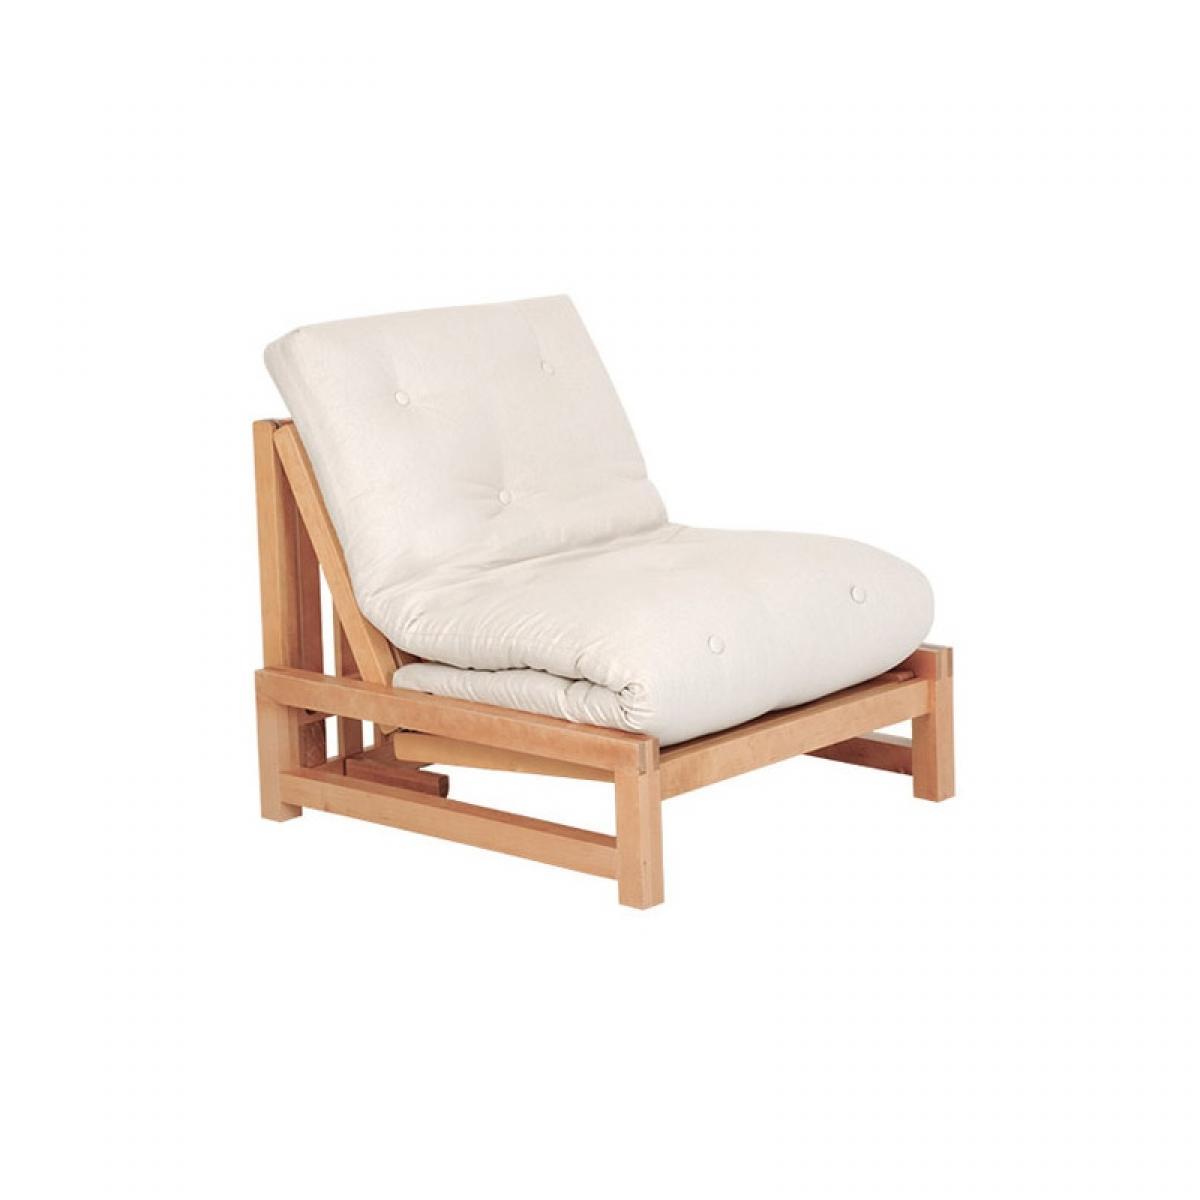 Canape Lit 1 Place Lit Futon Ikea Futon 1 Personne Vasp Avec Lit Une Place Idees Conception Jardin Idees Conception Jardin